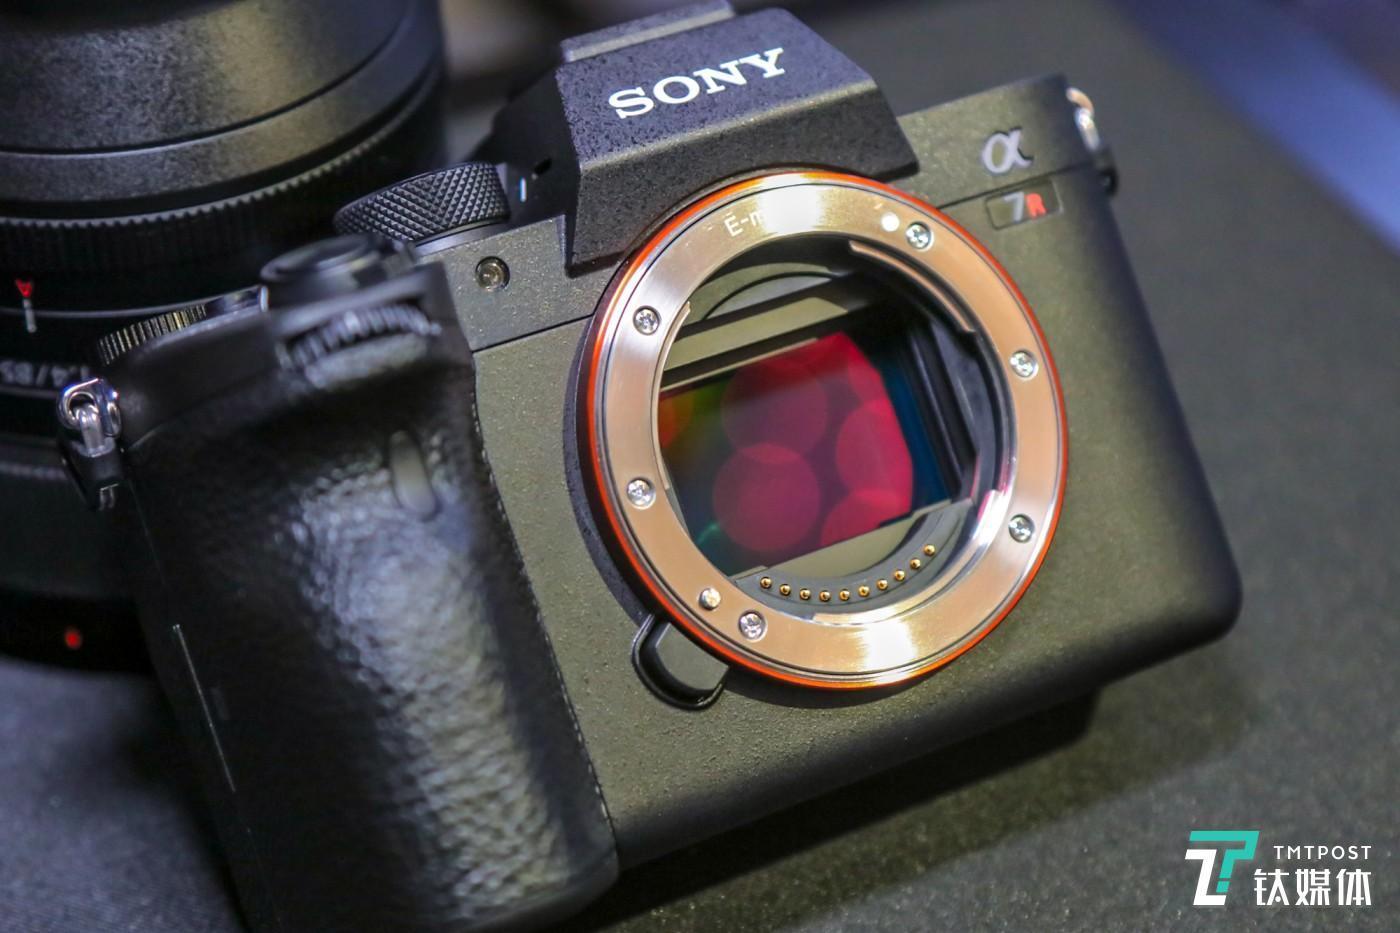 6100万有效像素全画幅Exmor R™CMOS背照式影像传感器